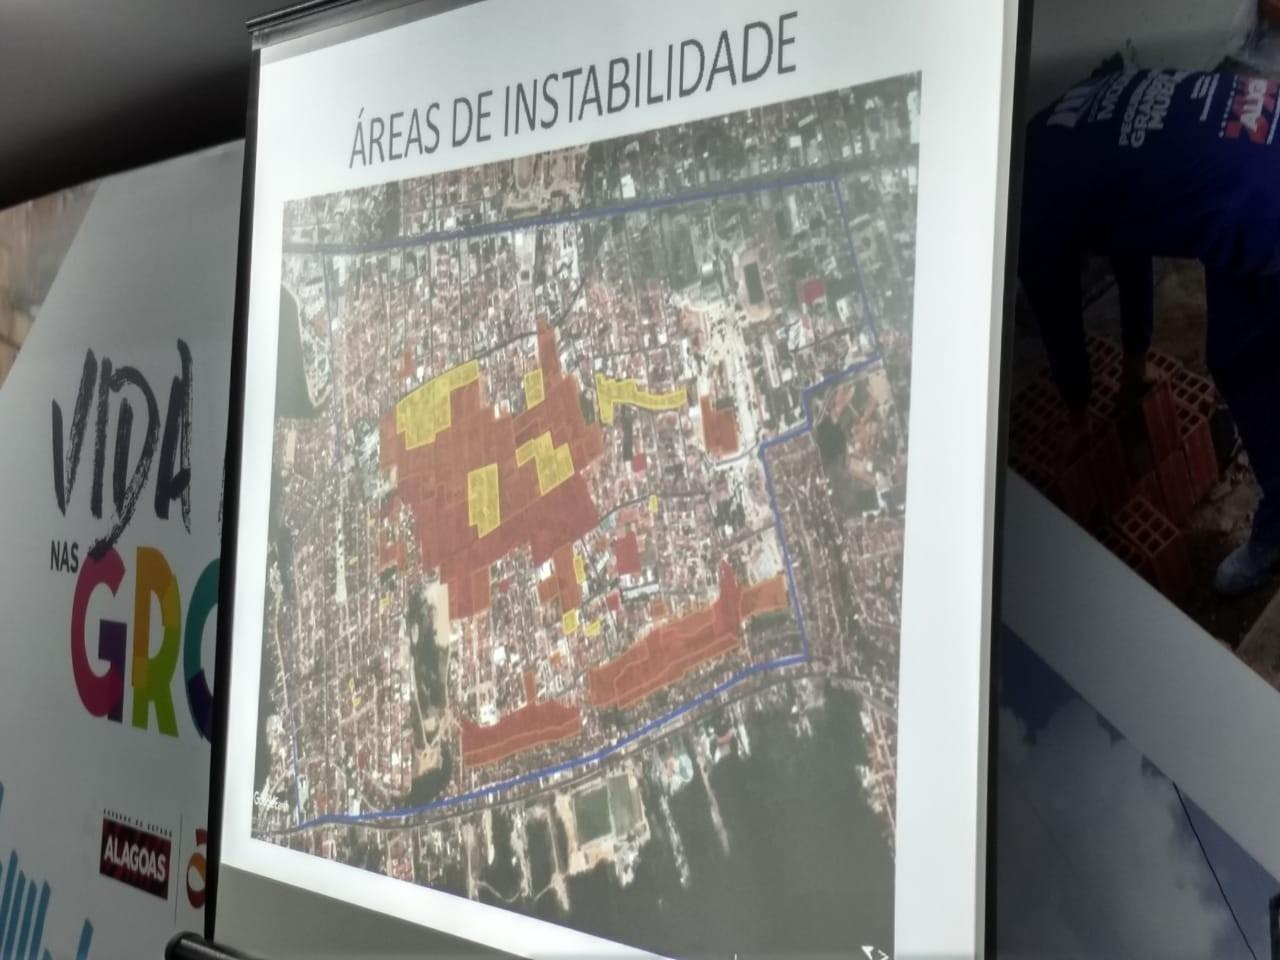 Simulação no Pinheiro, em Maceió, vai definir tempo de evacuação em caso de desastre - Noticias